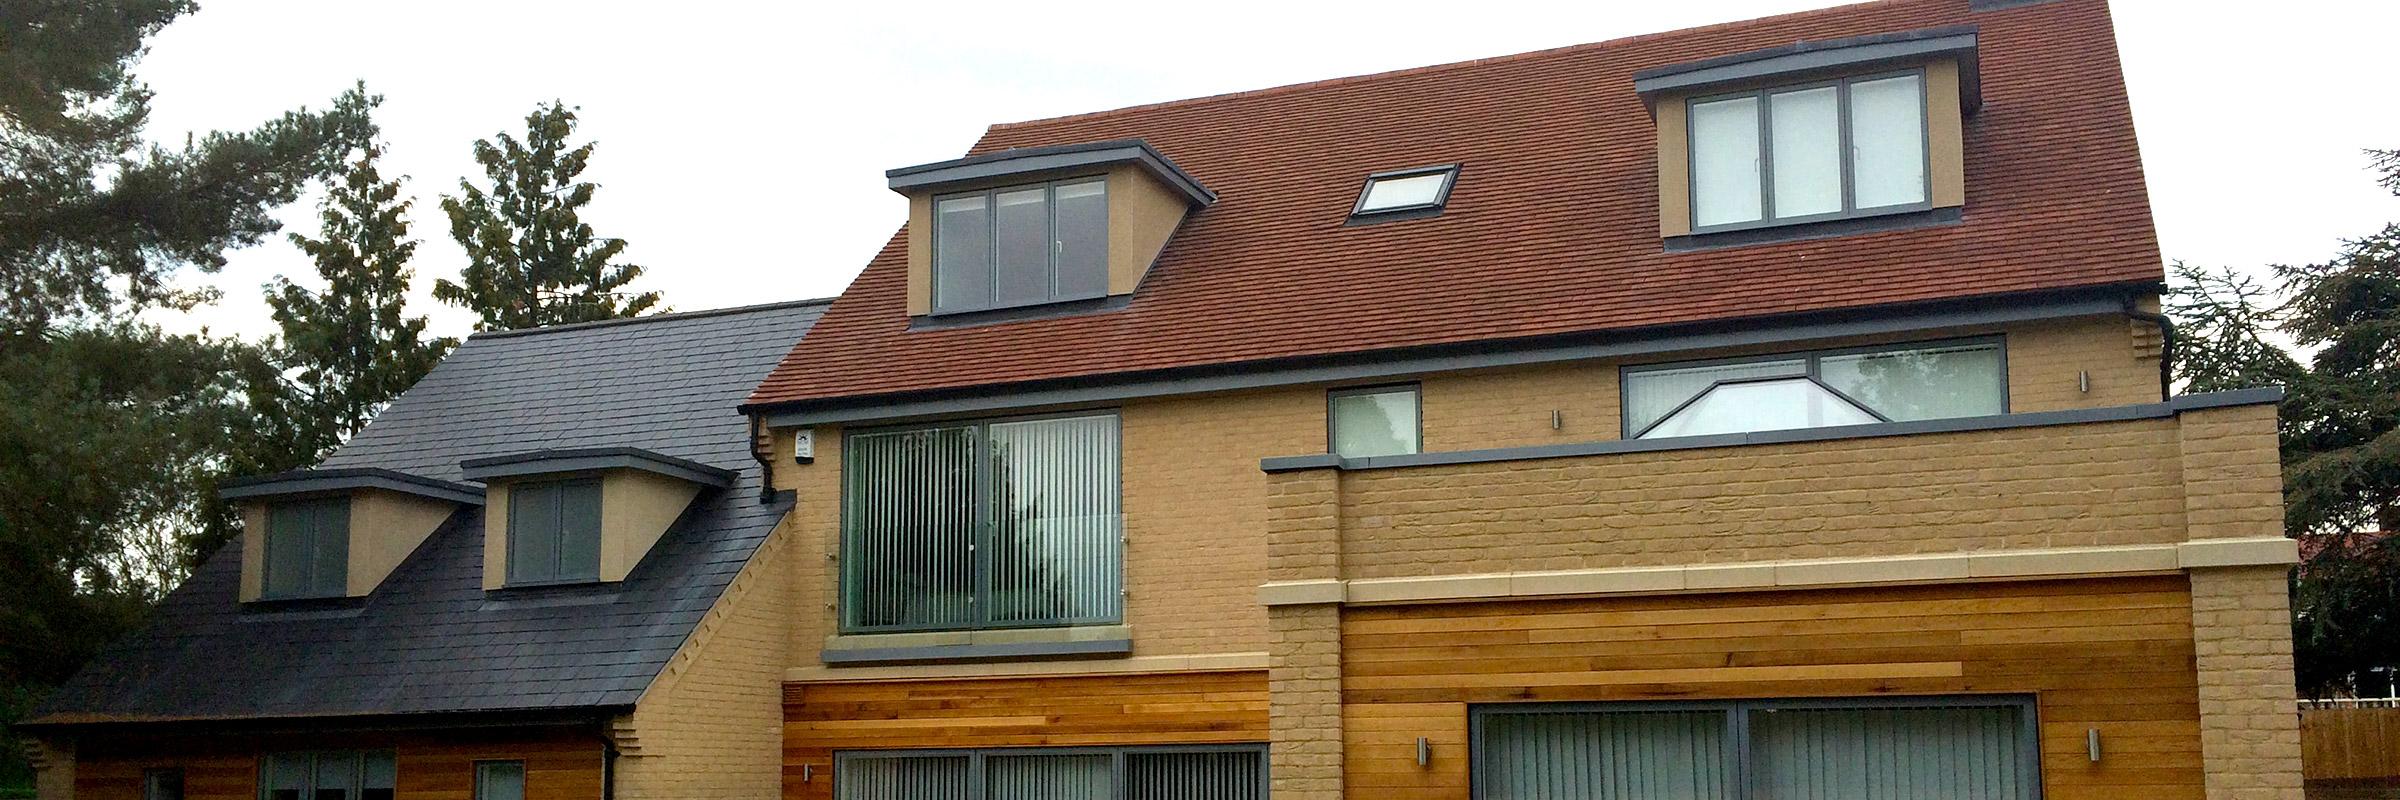 Paul Nunn Roofing Roof Repairs Roof Tiling Re Roofing Bury